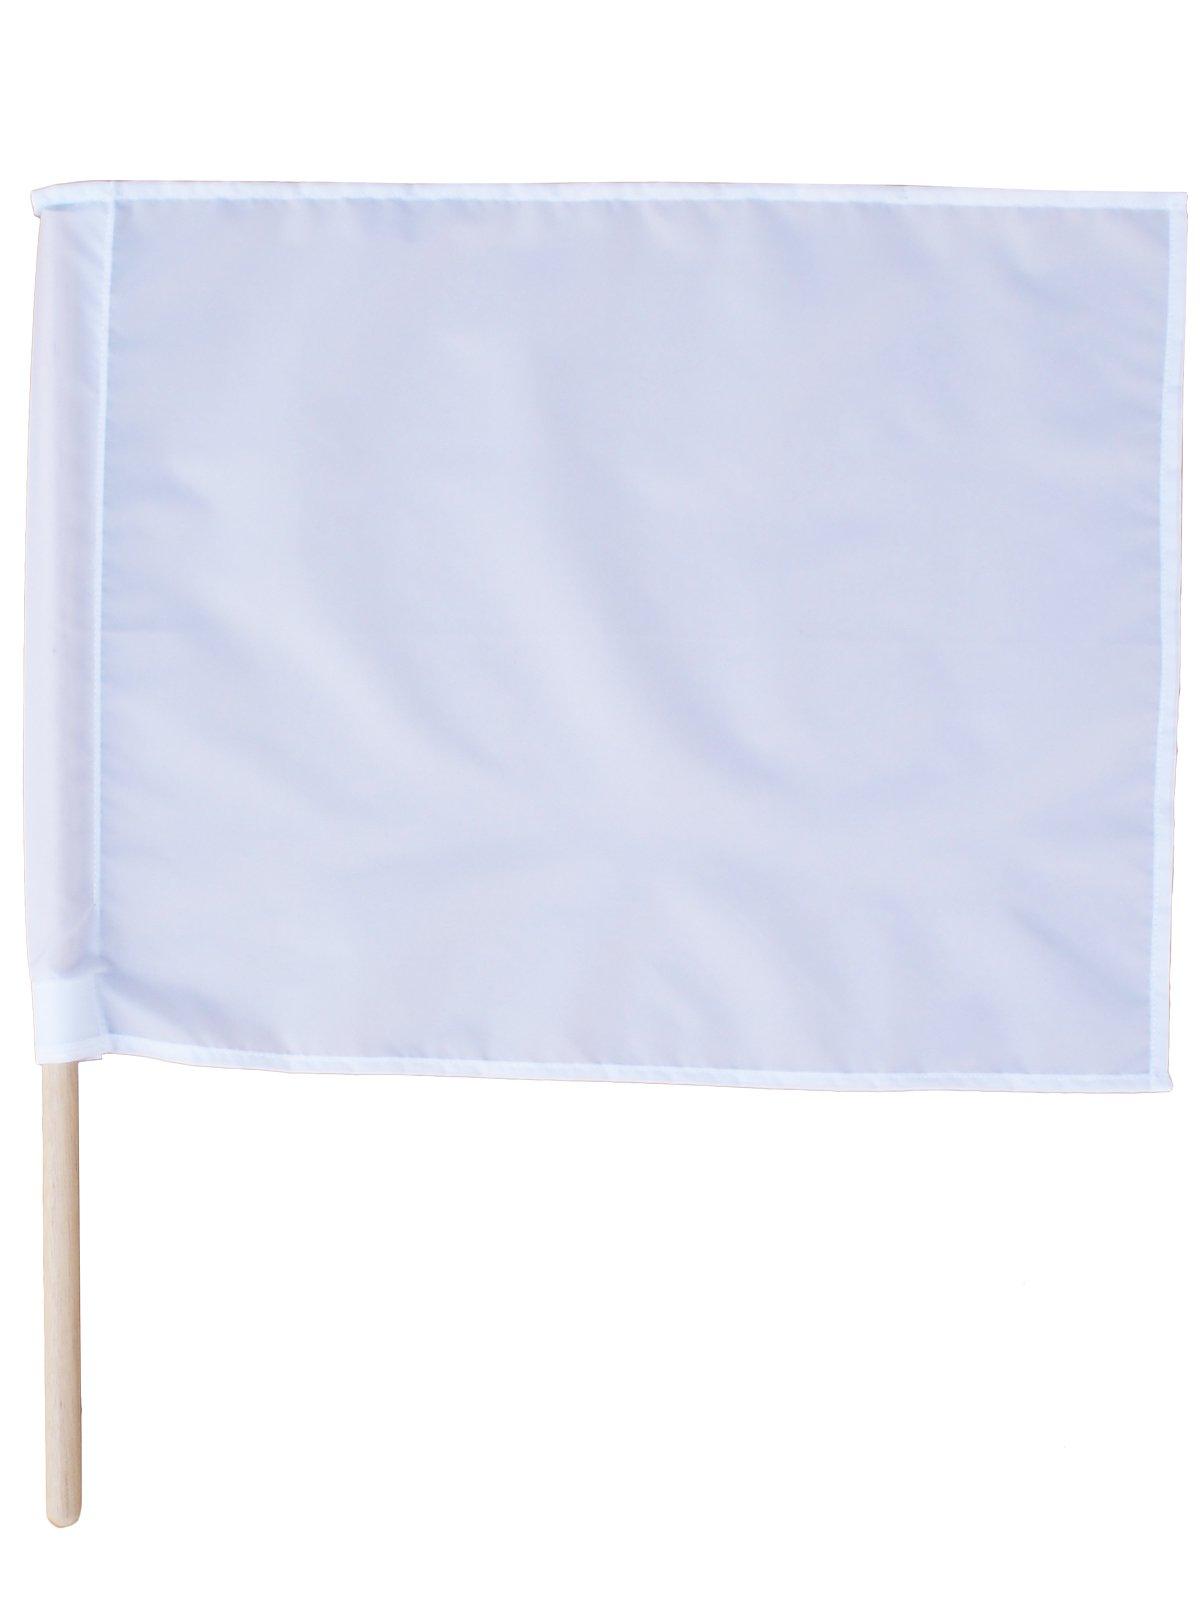 紅白手旗(旗棒付)小 30×40cm【画像3】